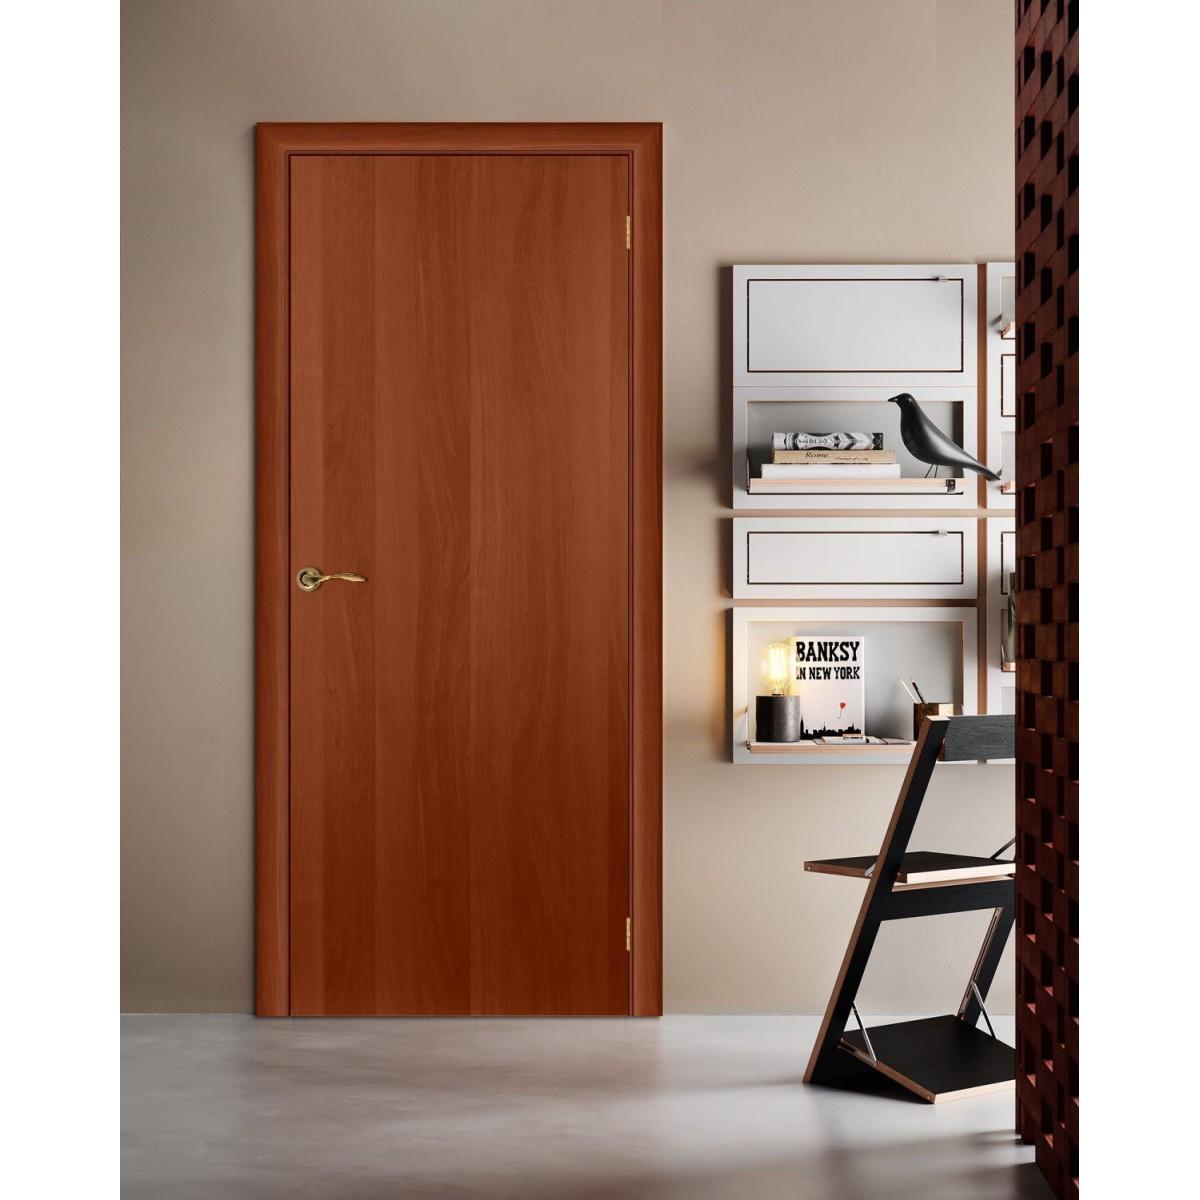 Дверь Межкомнатная Глухая Ламинированная 90x200 Цвет Итальянский Орех